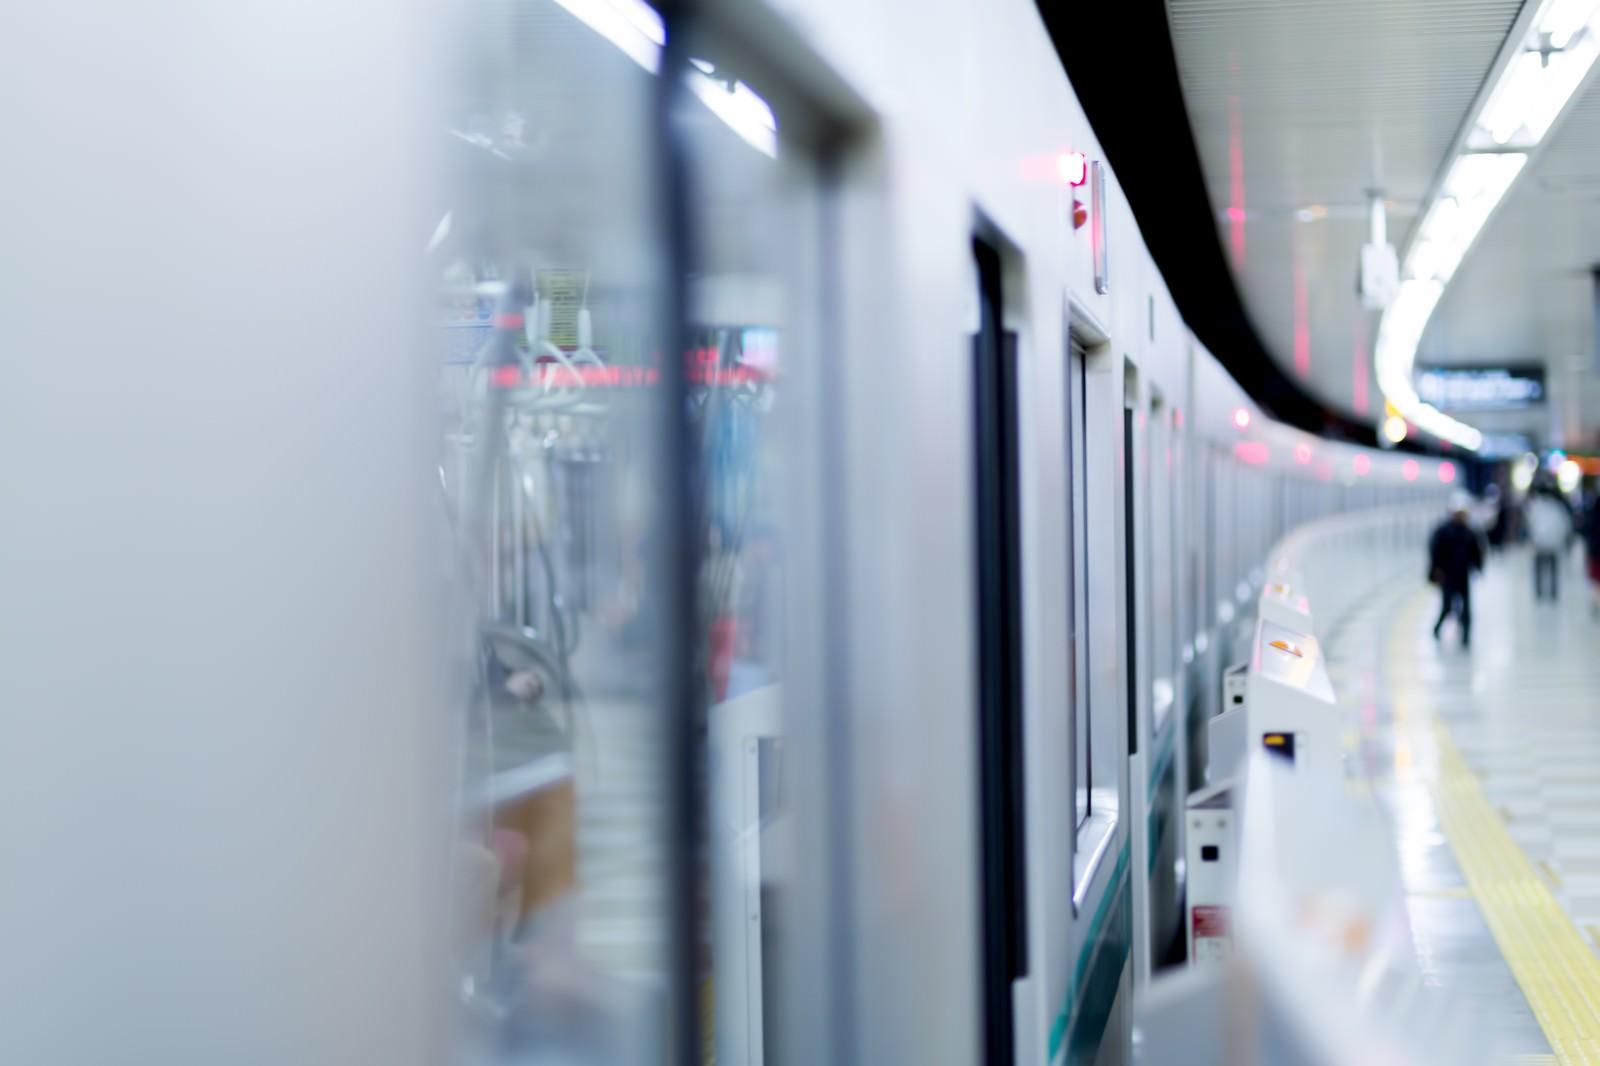 「ホームに停車中の電車」の写真